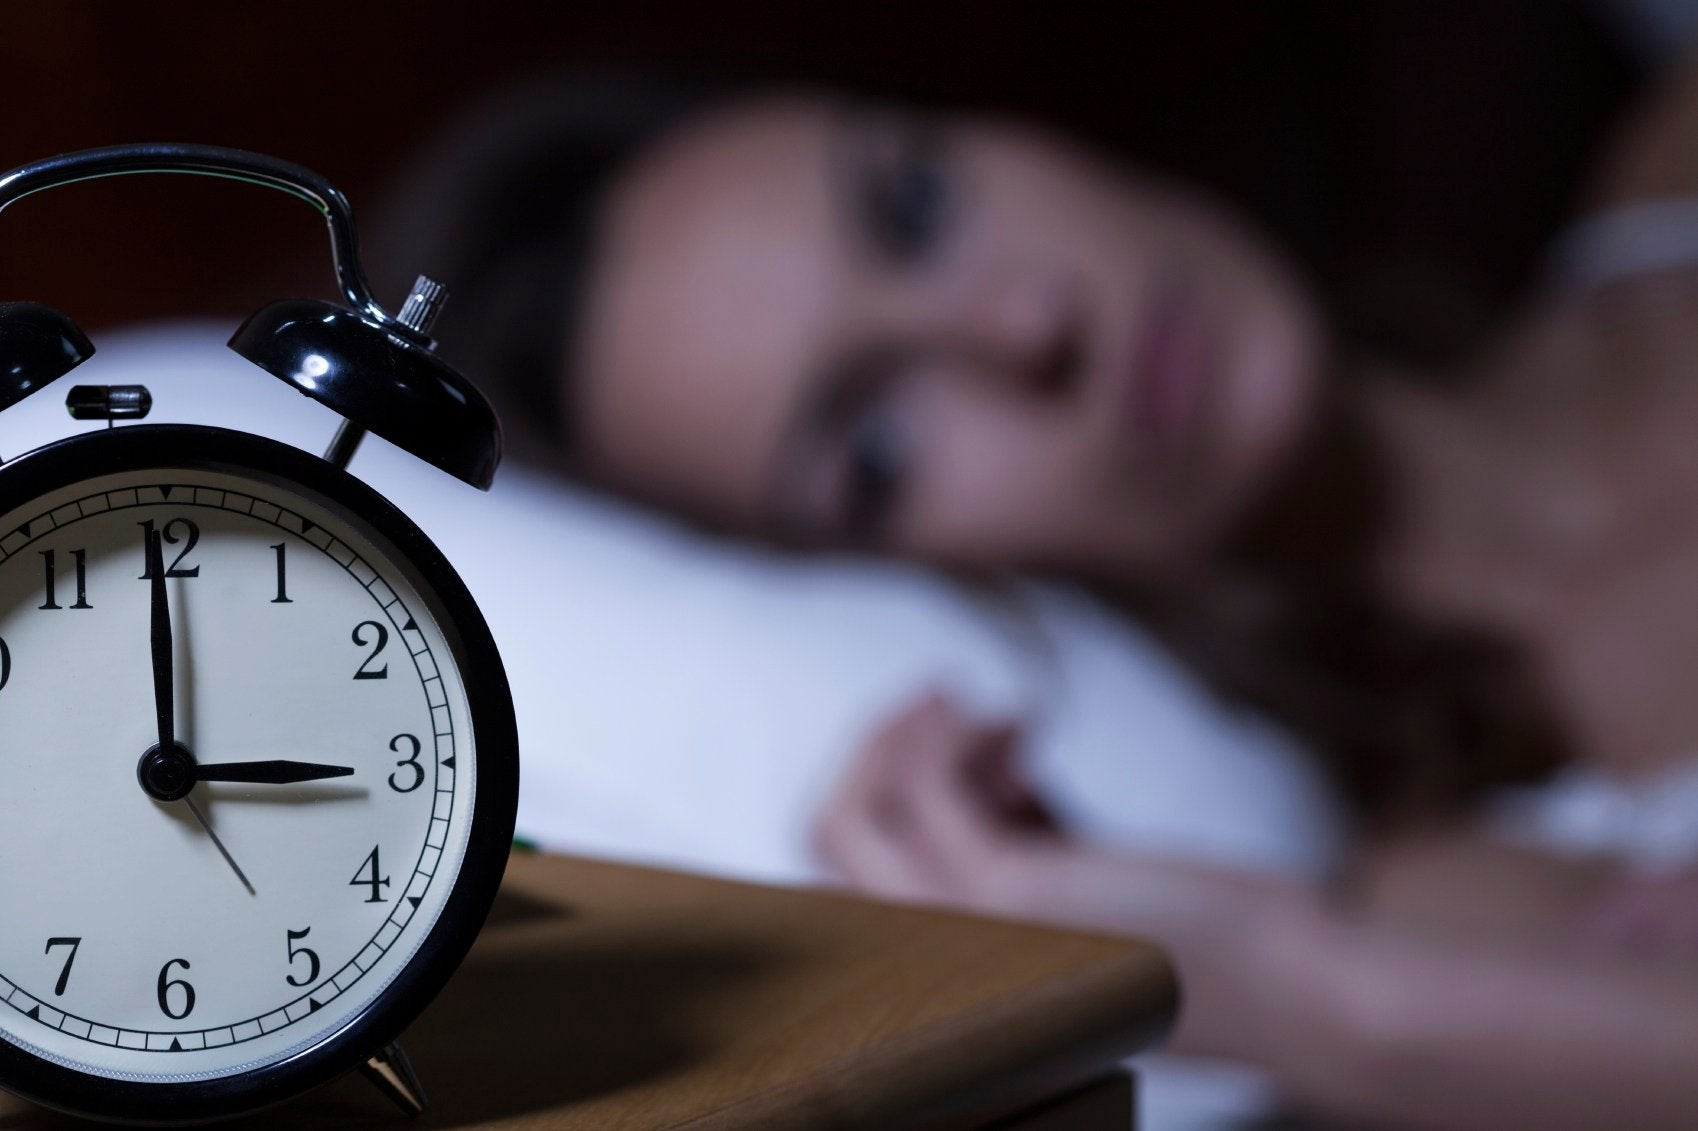 糖尿病通常會造成睡眠問題